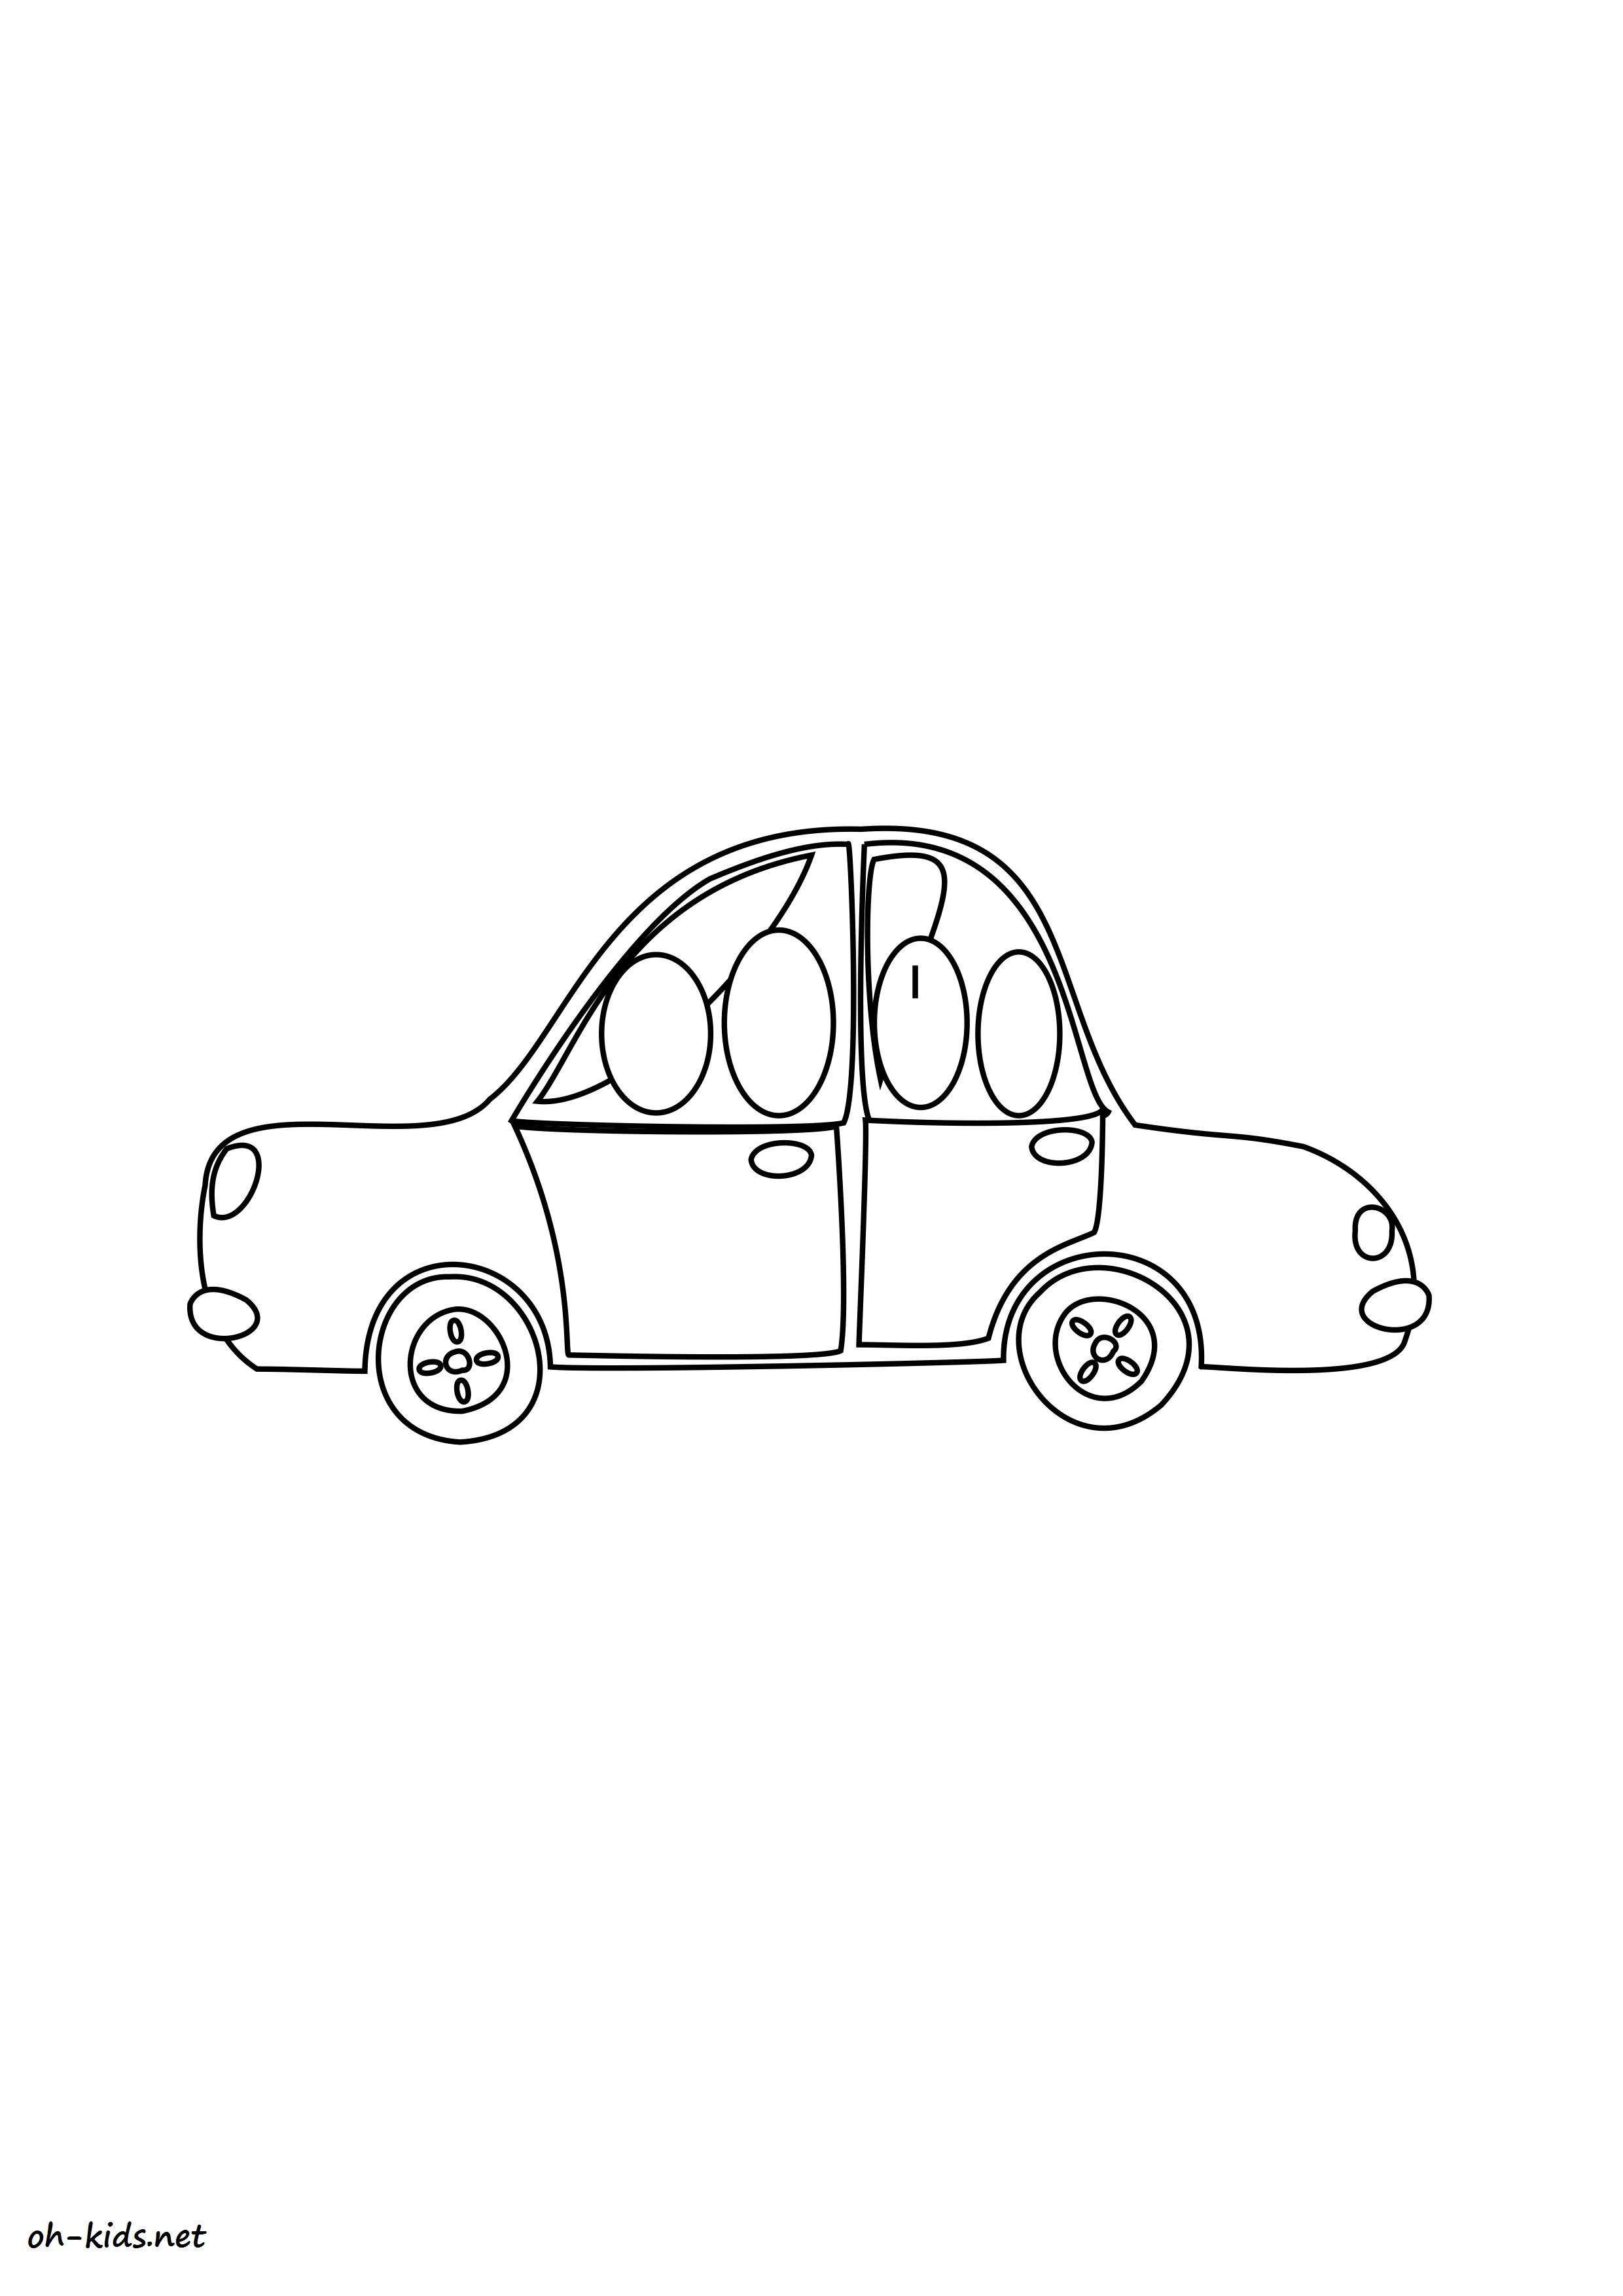 dessin de automobile à colorier - Dessin #1422